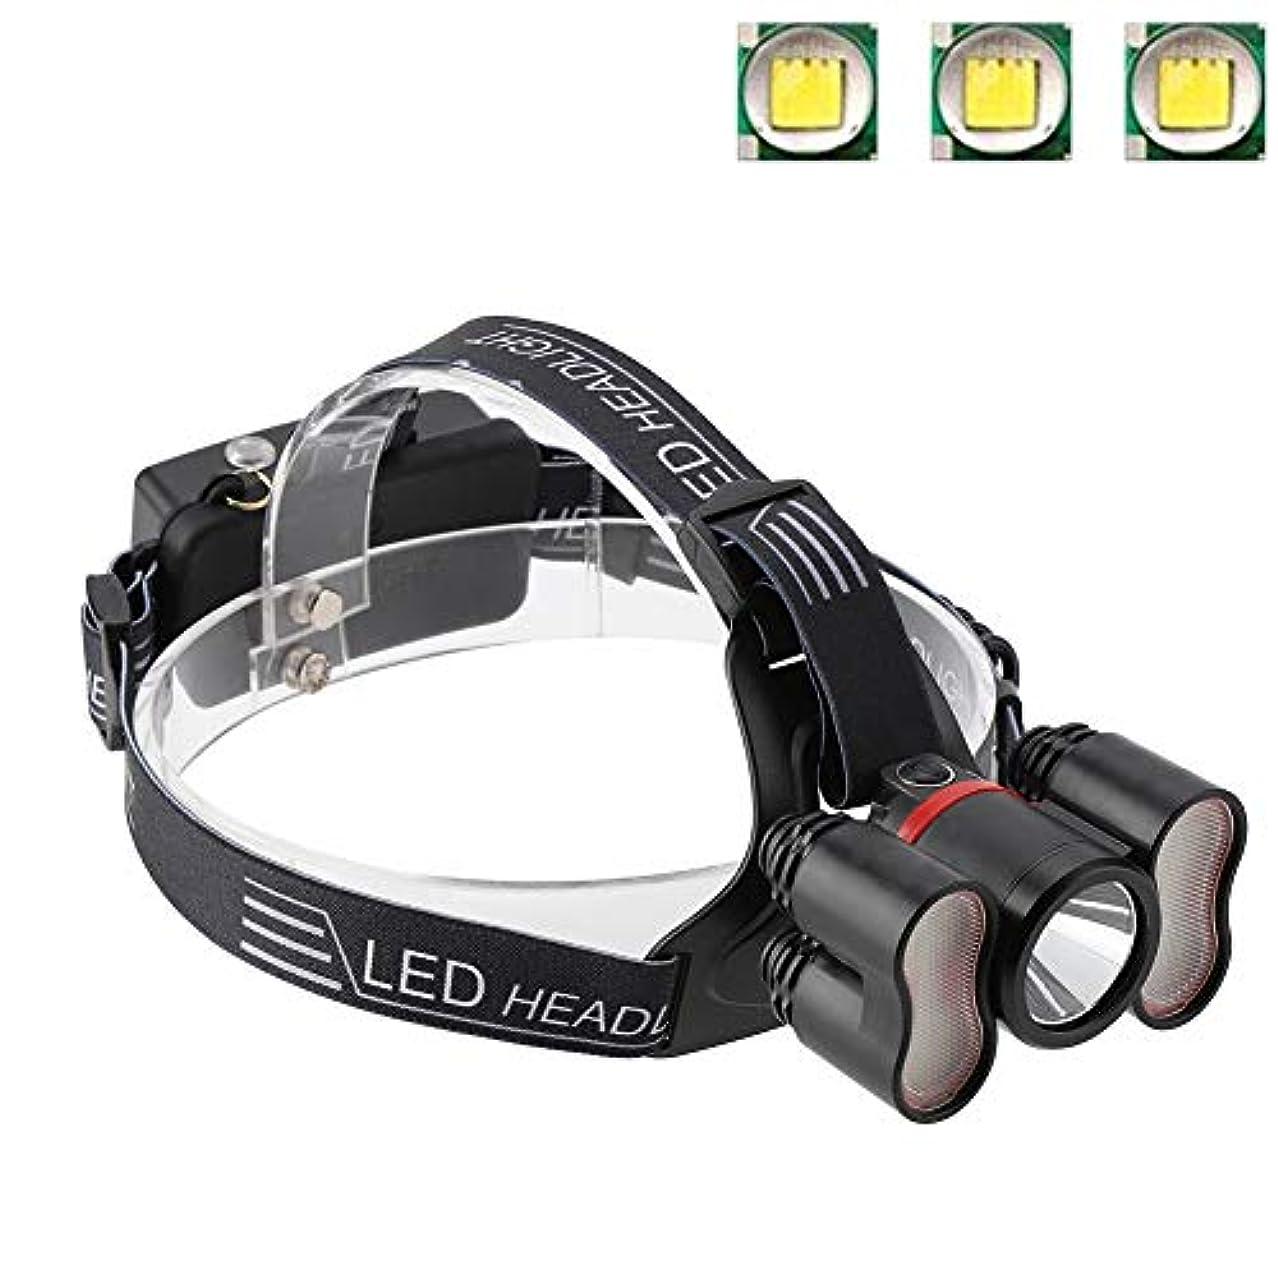 ウィスキー留め金精神医学ヘッドライト懐中電灯、2000LMヘッドライト18650 LED USB充電式防水トラベルヘッドトーチキャンプランプランニングハイキング釣りに適して(#1)